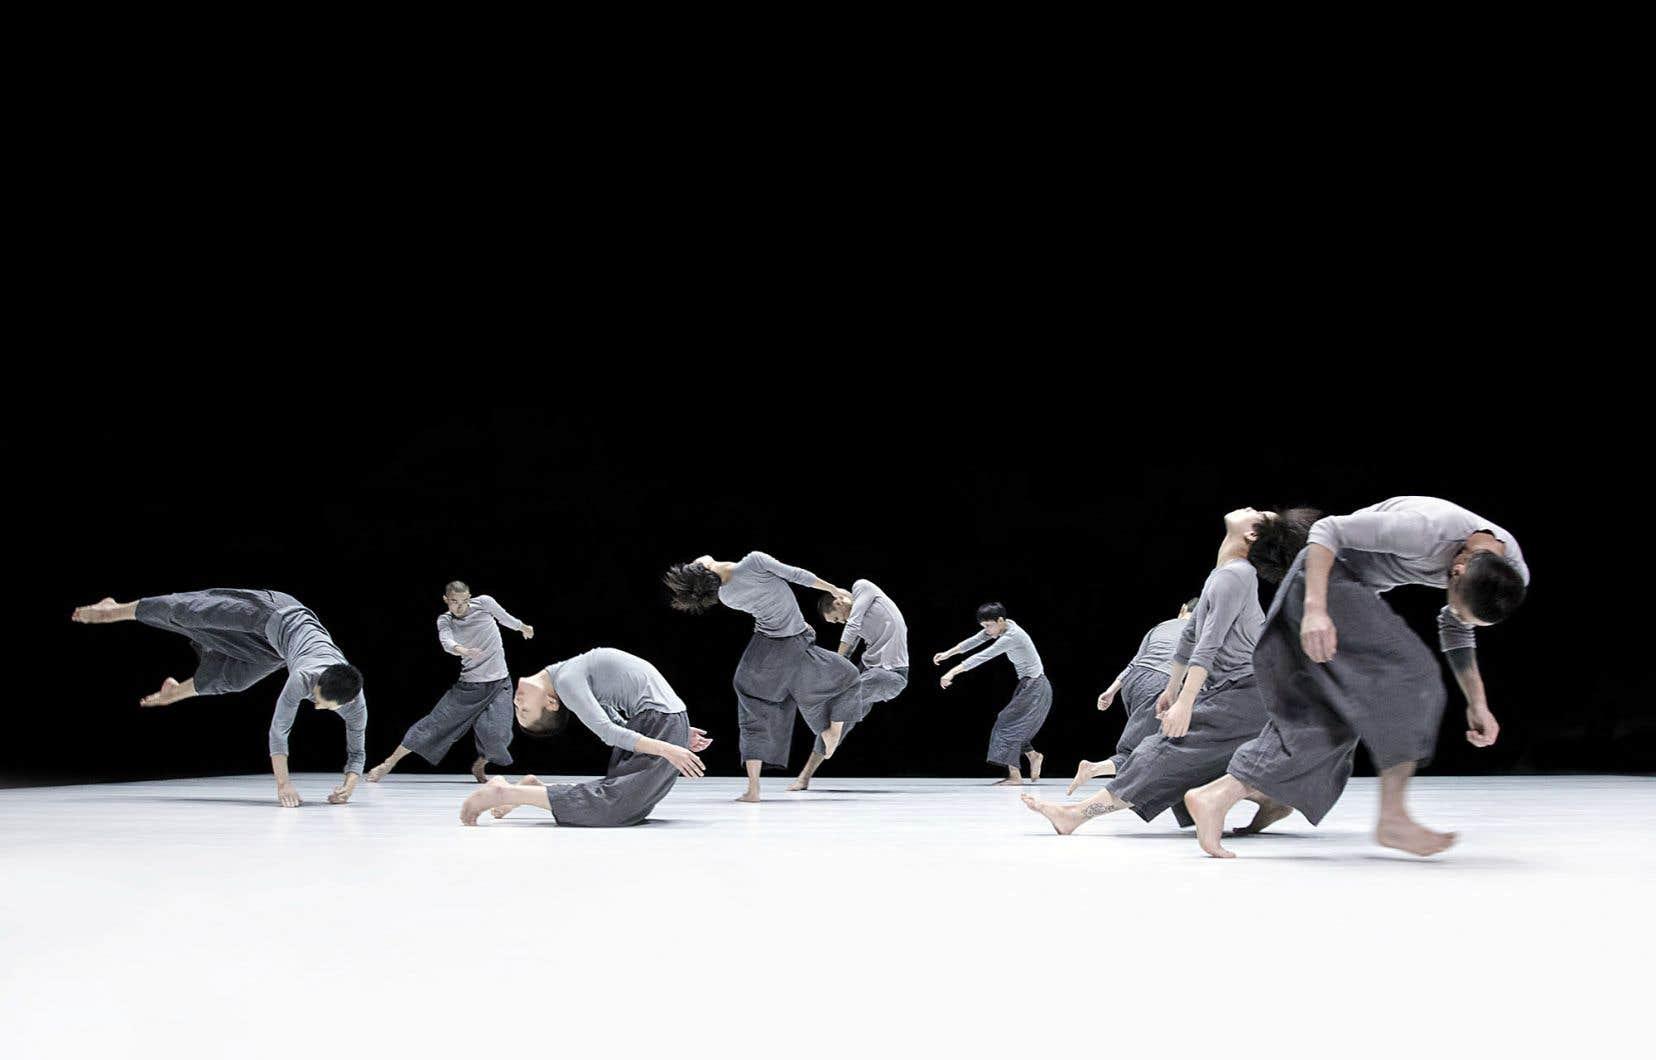 Les deux pièces sont reliées par deux extrêmes, explique Tao Ye. «6» est extrêmement minimaliste dans l'unisson et «9», plus complexe, présente une forme de chaos.